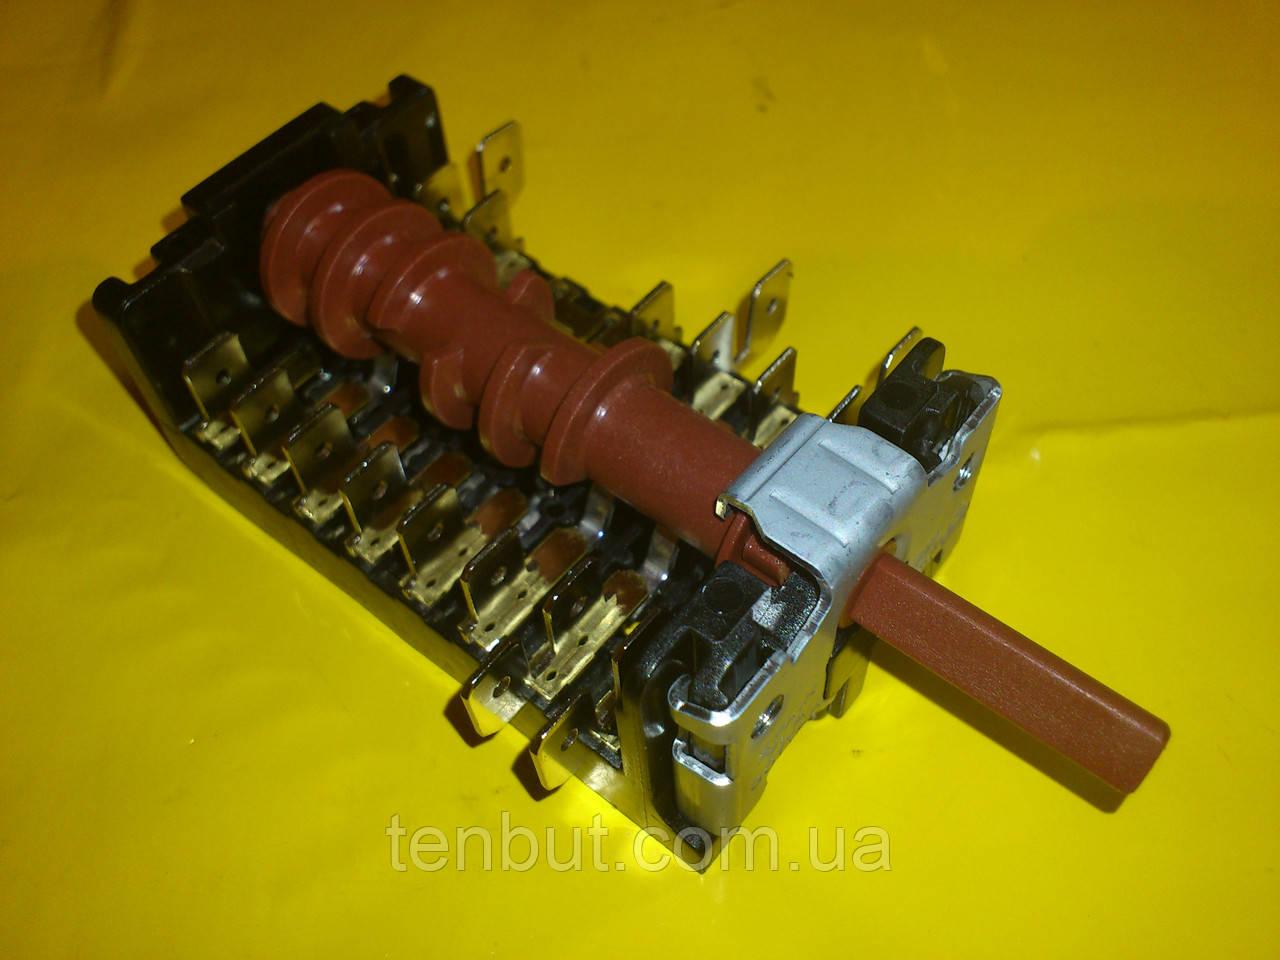 Переключатель для электроплиты HANSA 870800К / 7-ми позиционный производство Испания